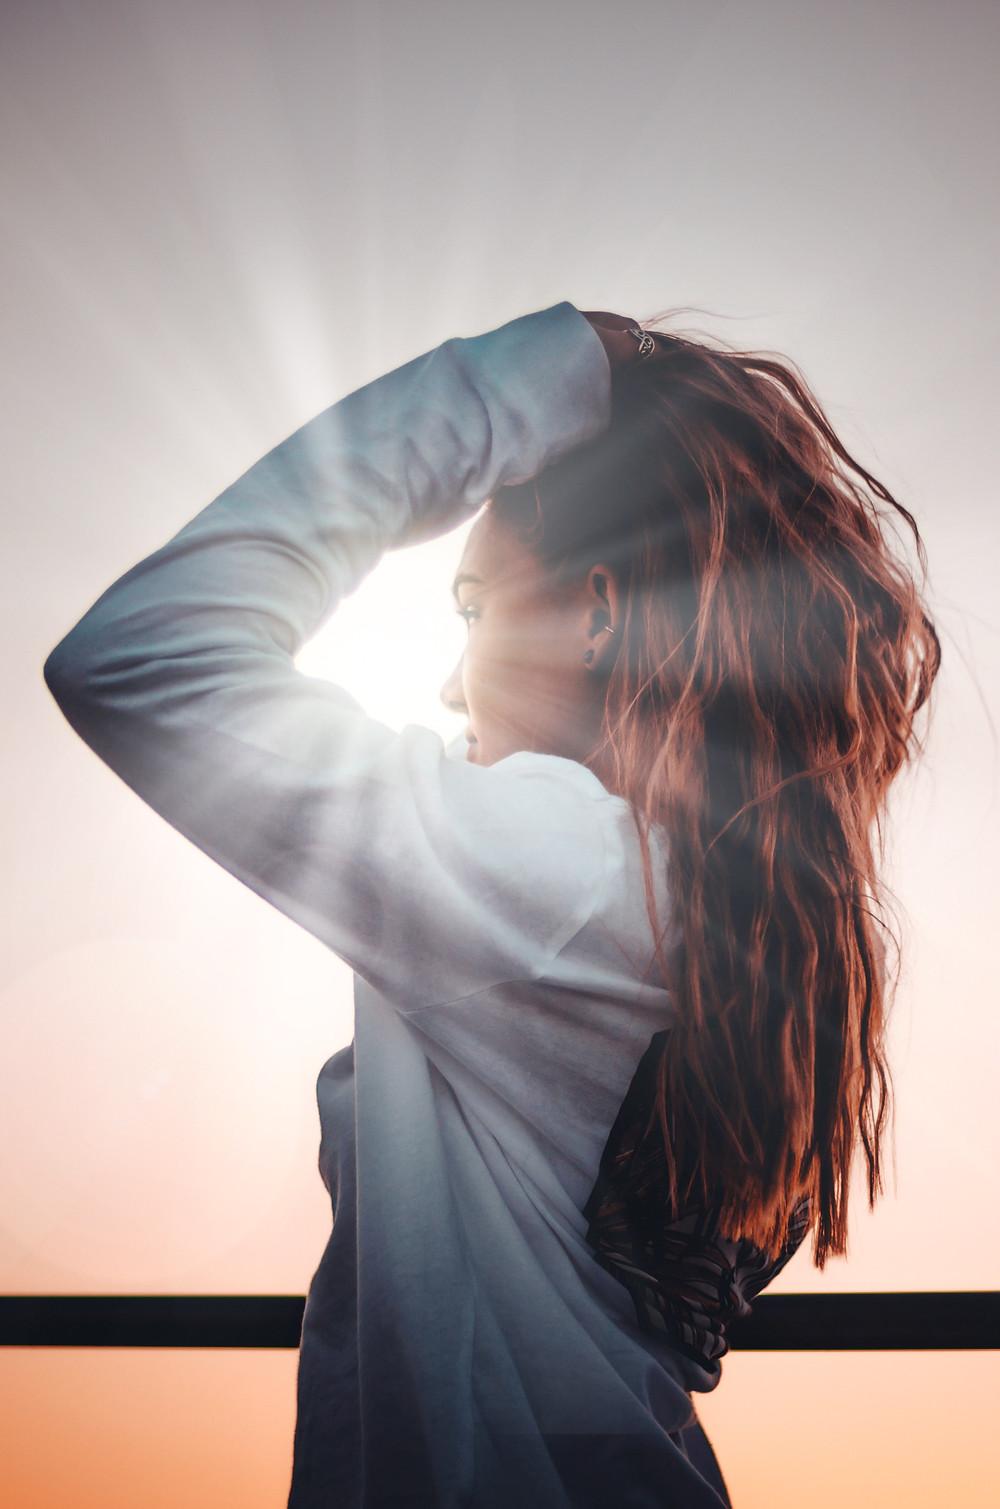 Защита волос от солнца. Помните об этом летом